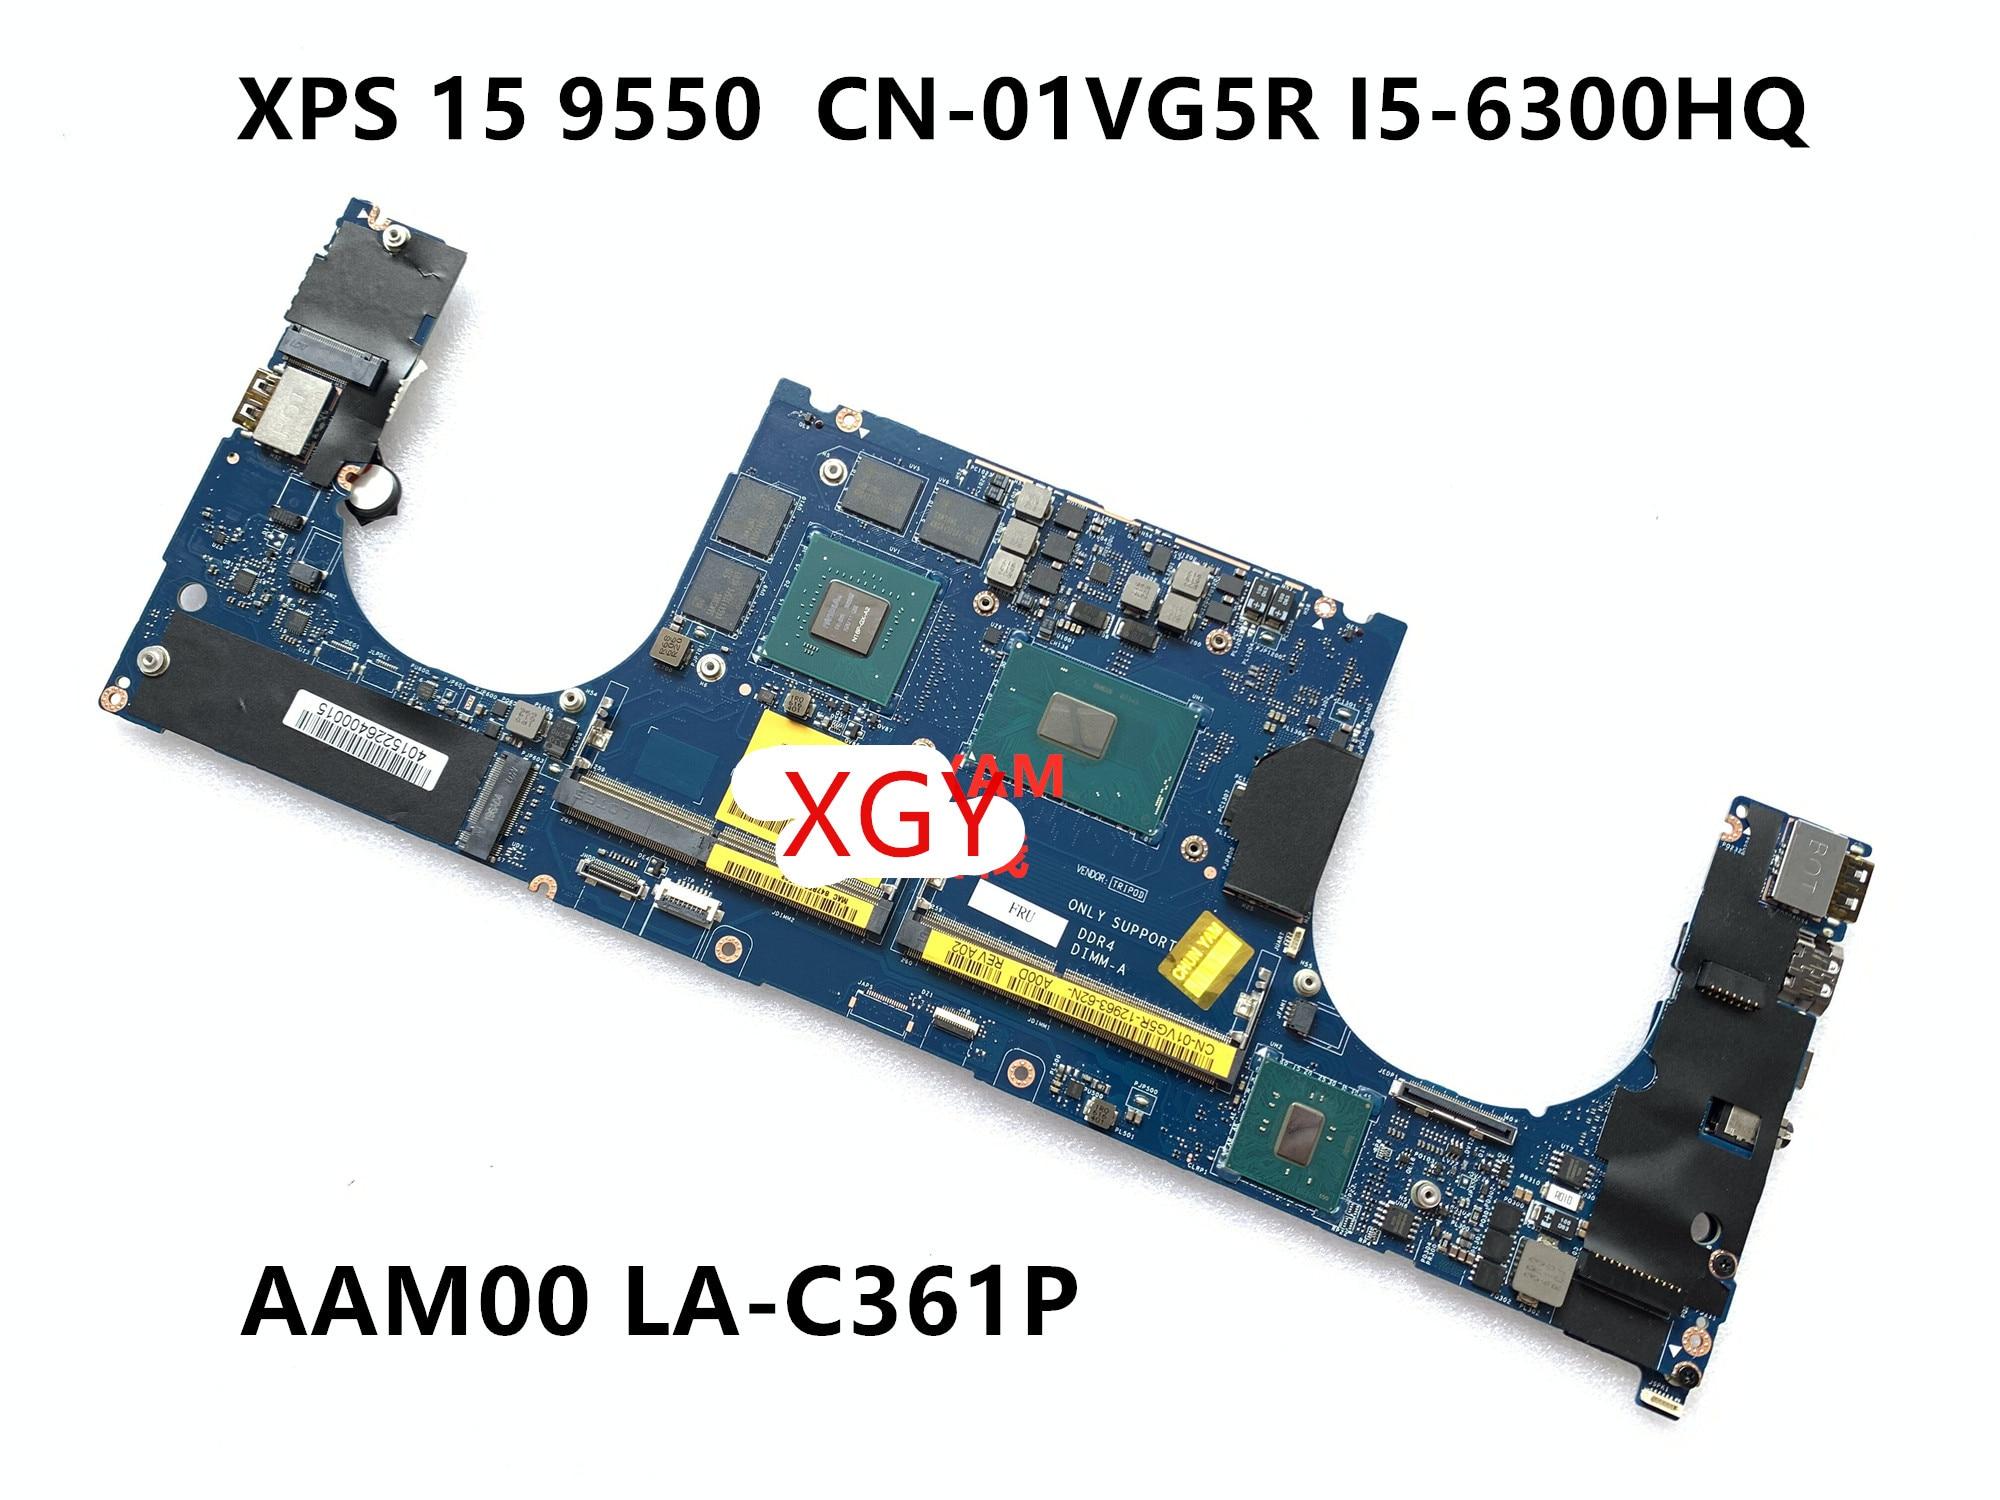 Para DELL XPS 15 9550 placa base AAM00 LA-C361P 1VG5R I5-6300 100% prueba ok